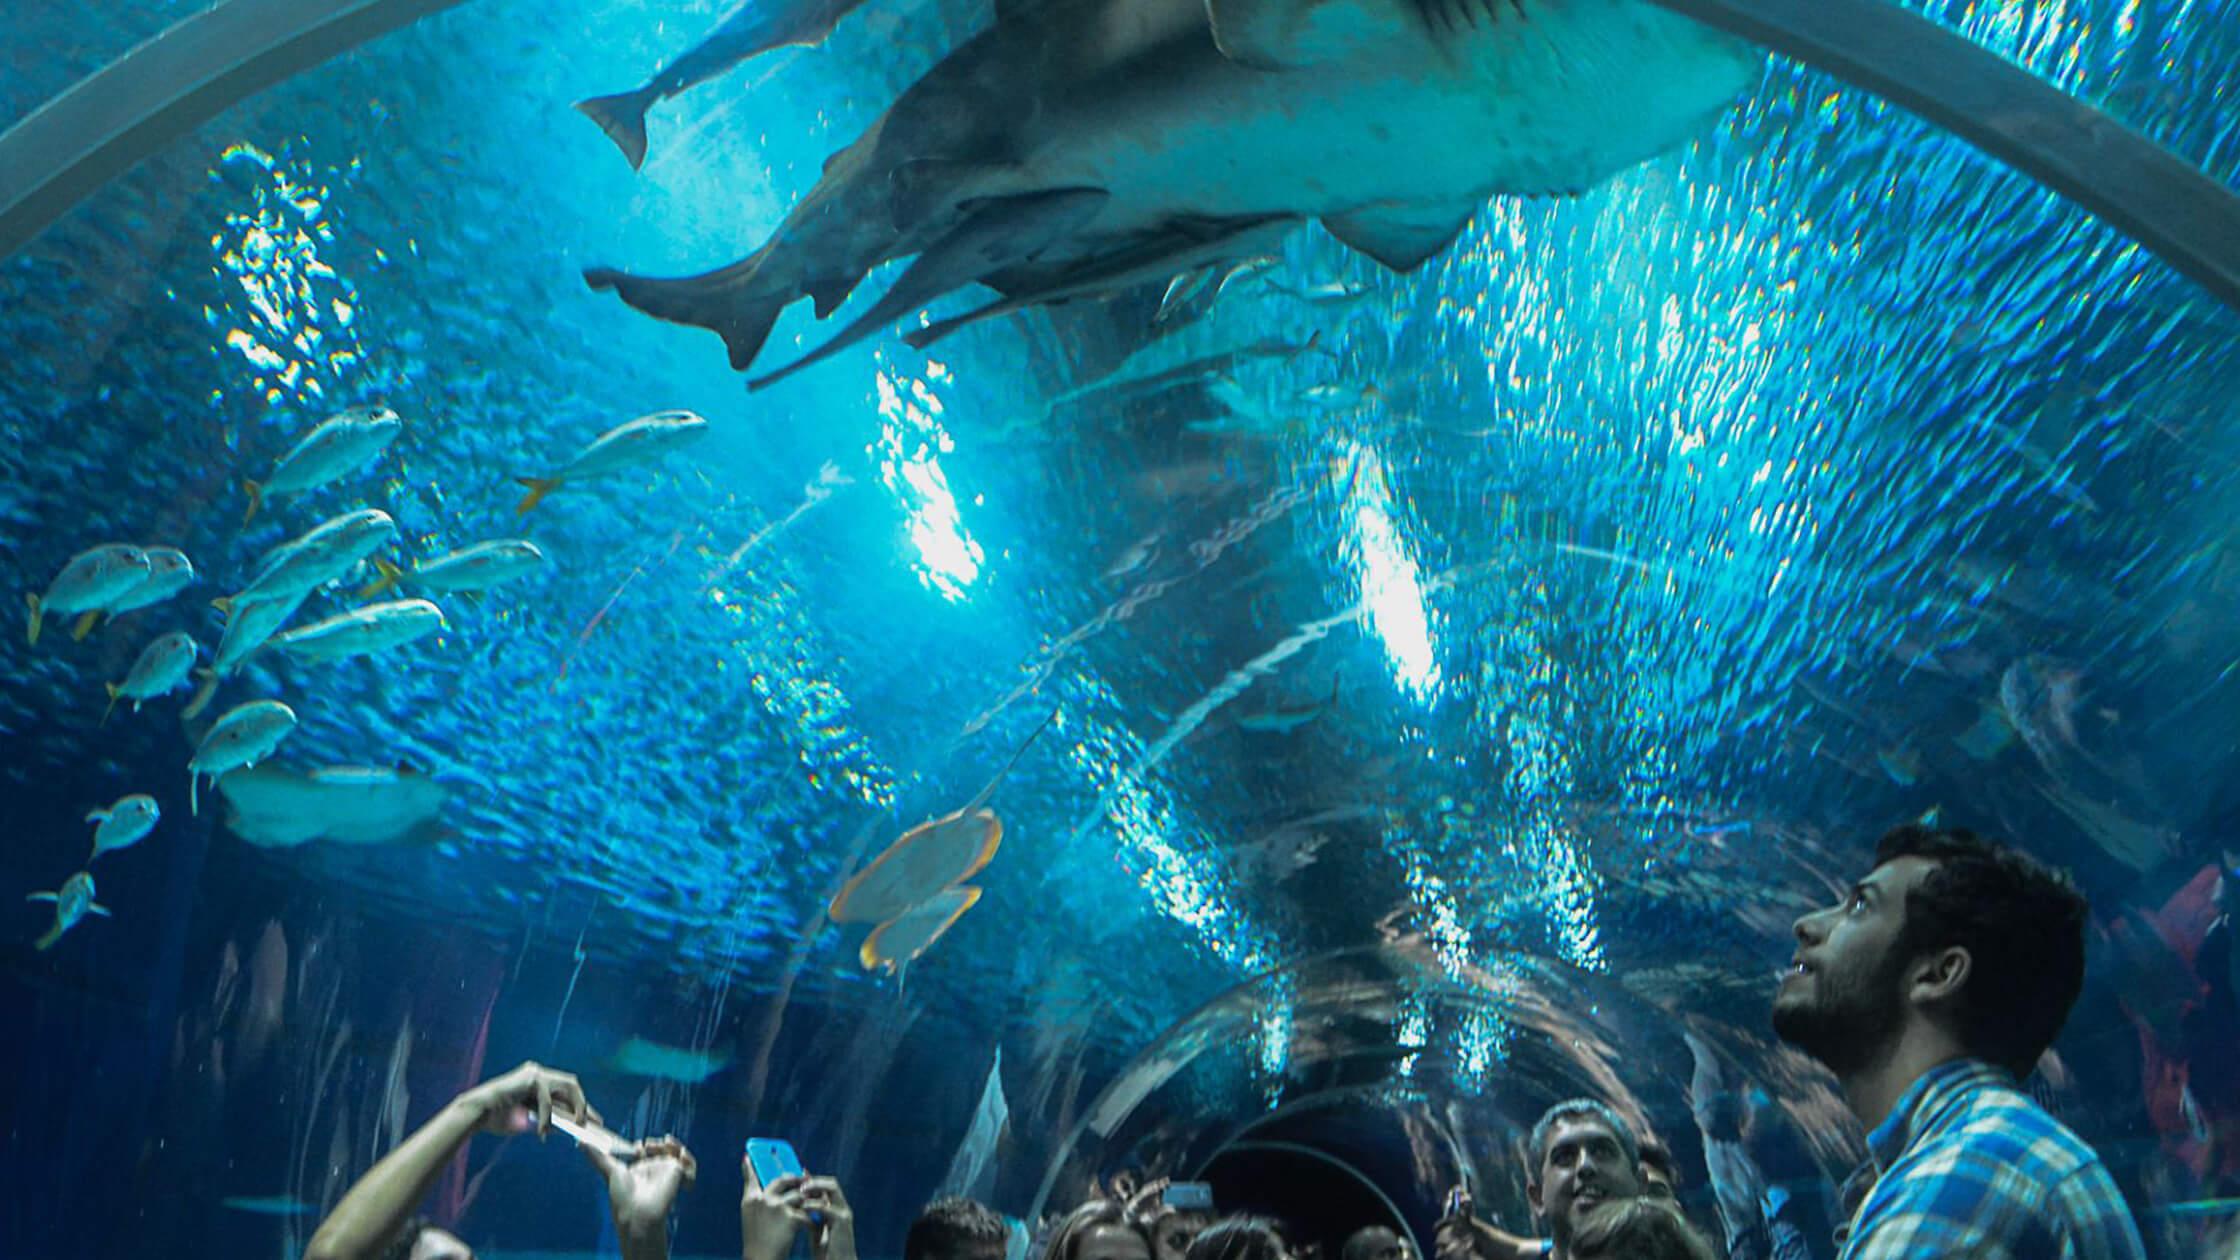 Grupo Cataratas anuncia construção de aquário inédito em Foz do Iguaçu